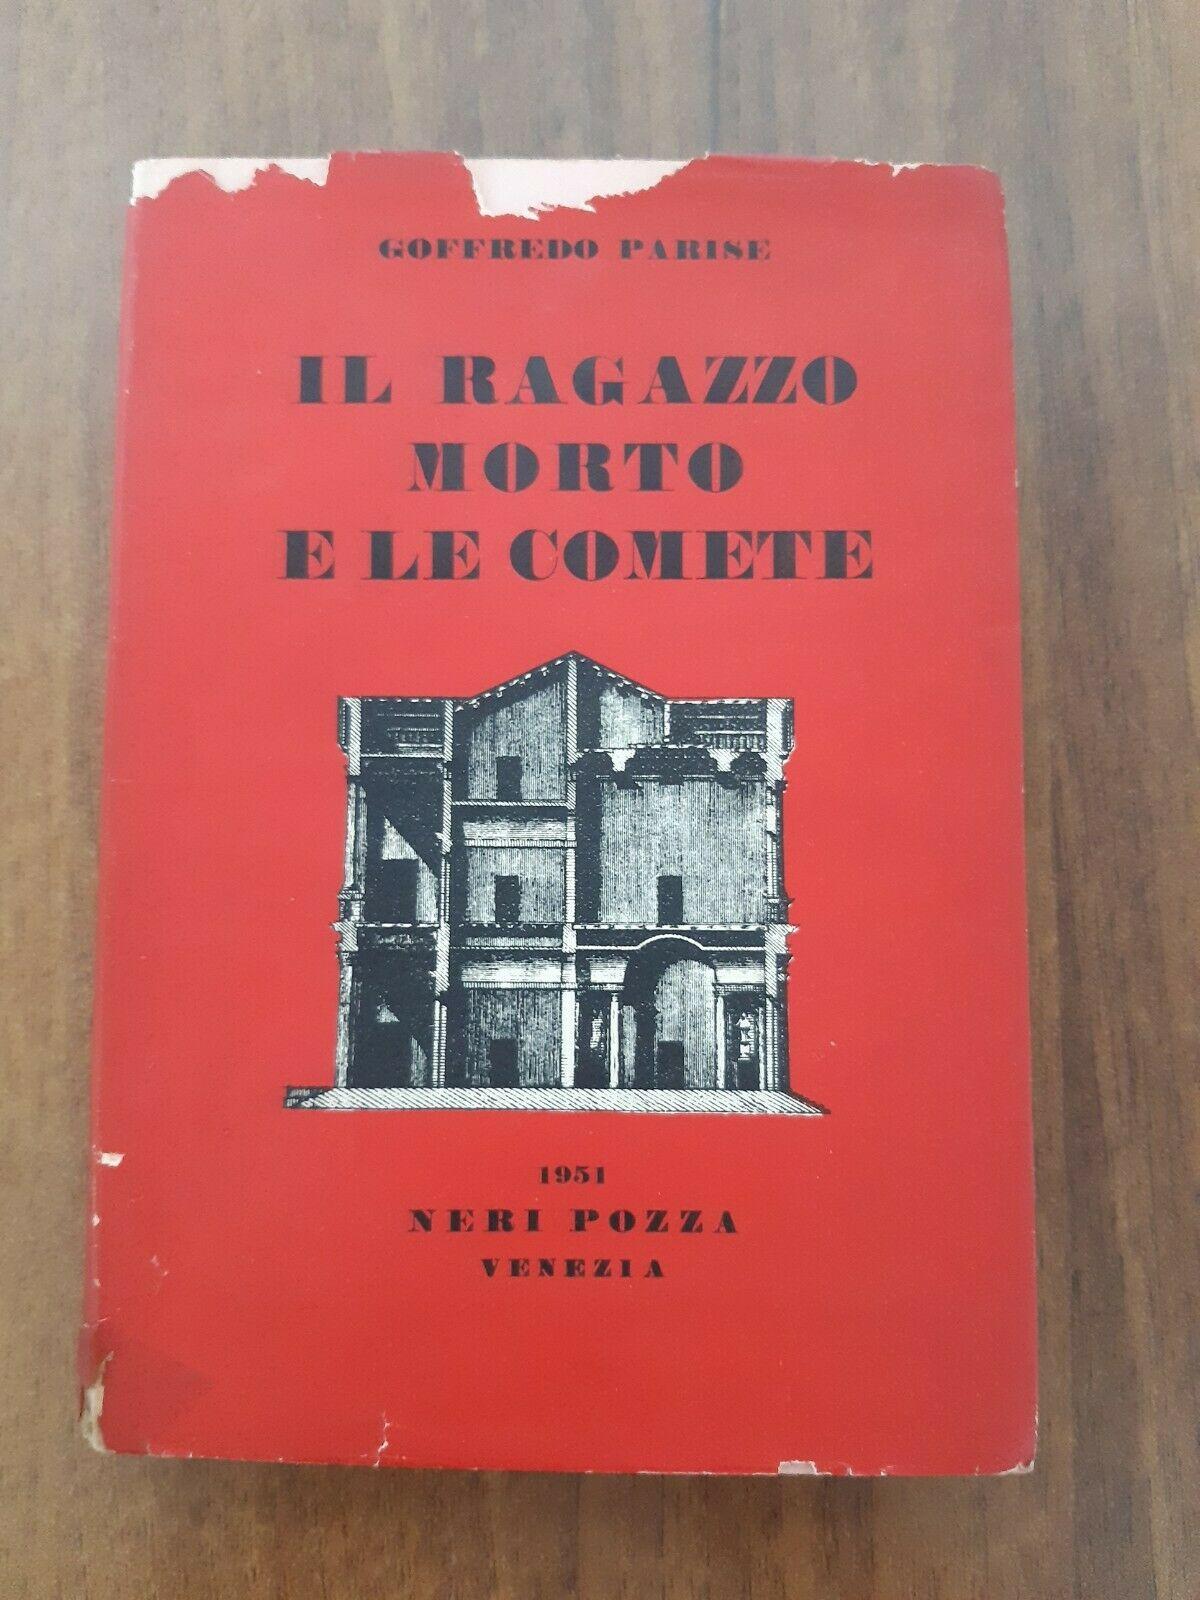 """Venduta a 4,90 euro una copia della prima edizione di """"Il ragazzo morto e le comete"""" di Goffredo Parise (Neri Pozza, 1951)"""